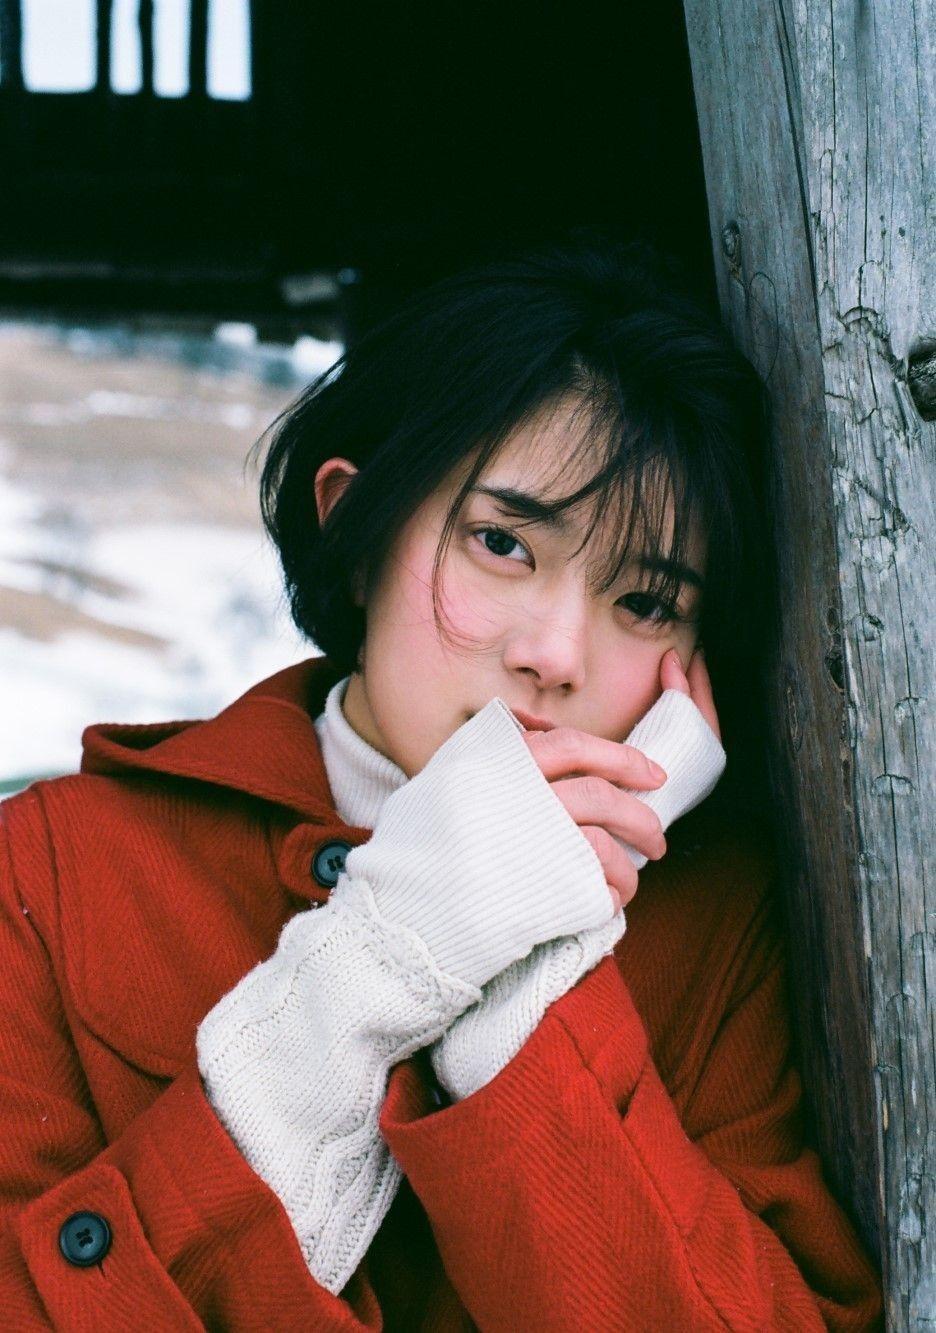 Những người phụ nữ có tử cung nhiễm bệnh thường có 3 dấu hiệu này lộ rõ trên khuôn mặt, bạn nên đi khám để yên tâm hơn - Ảnh 4.